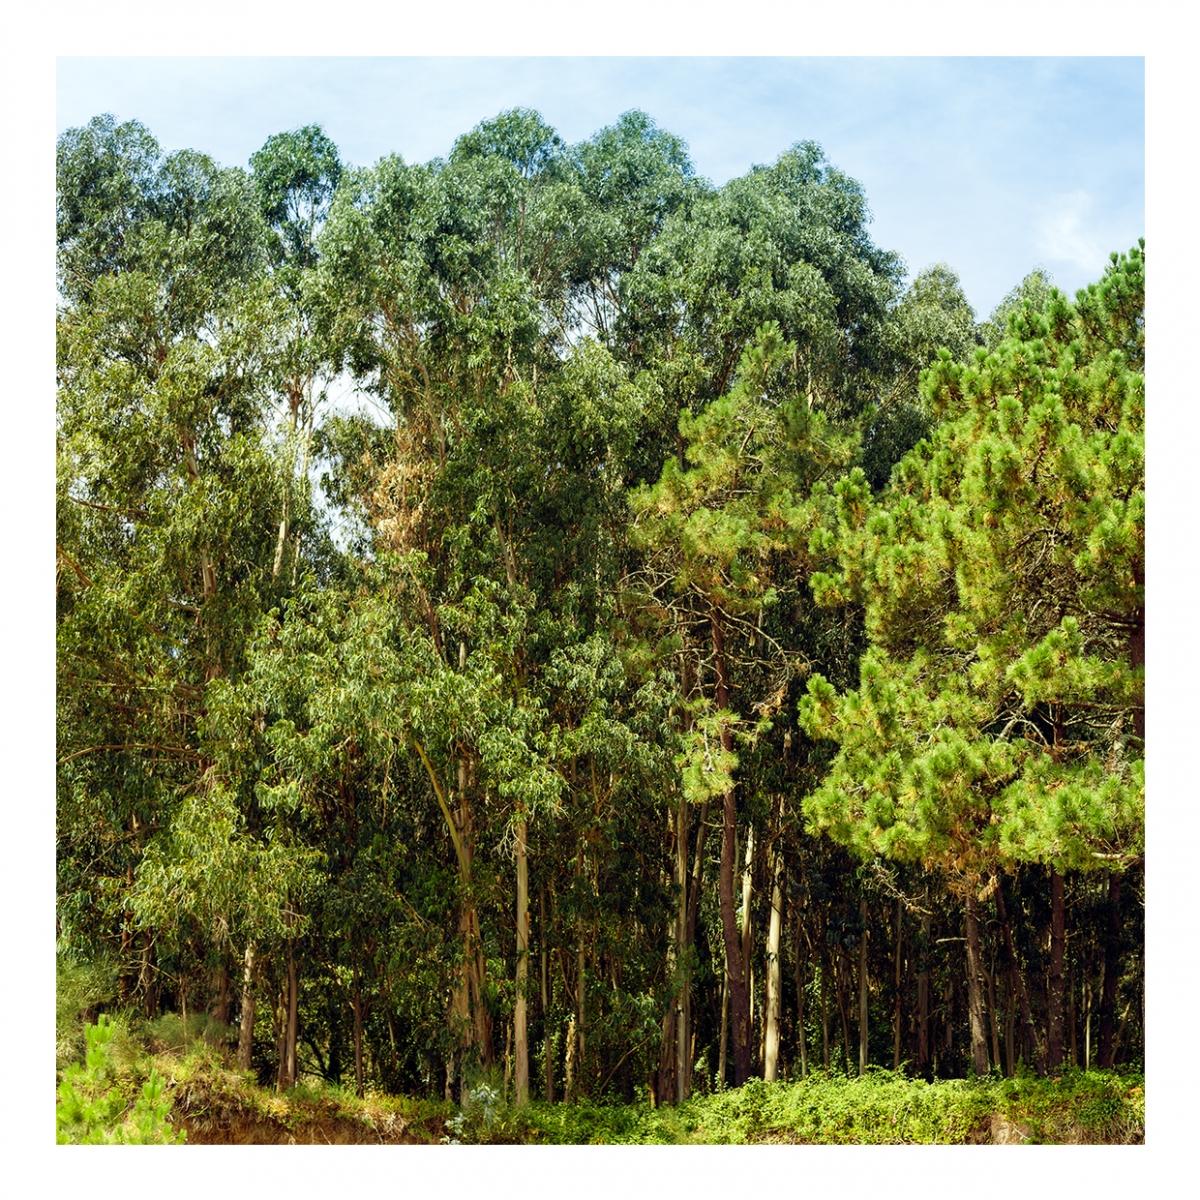 Imagen en la que se ve un bosque